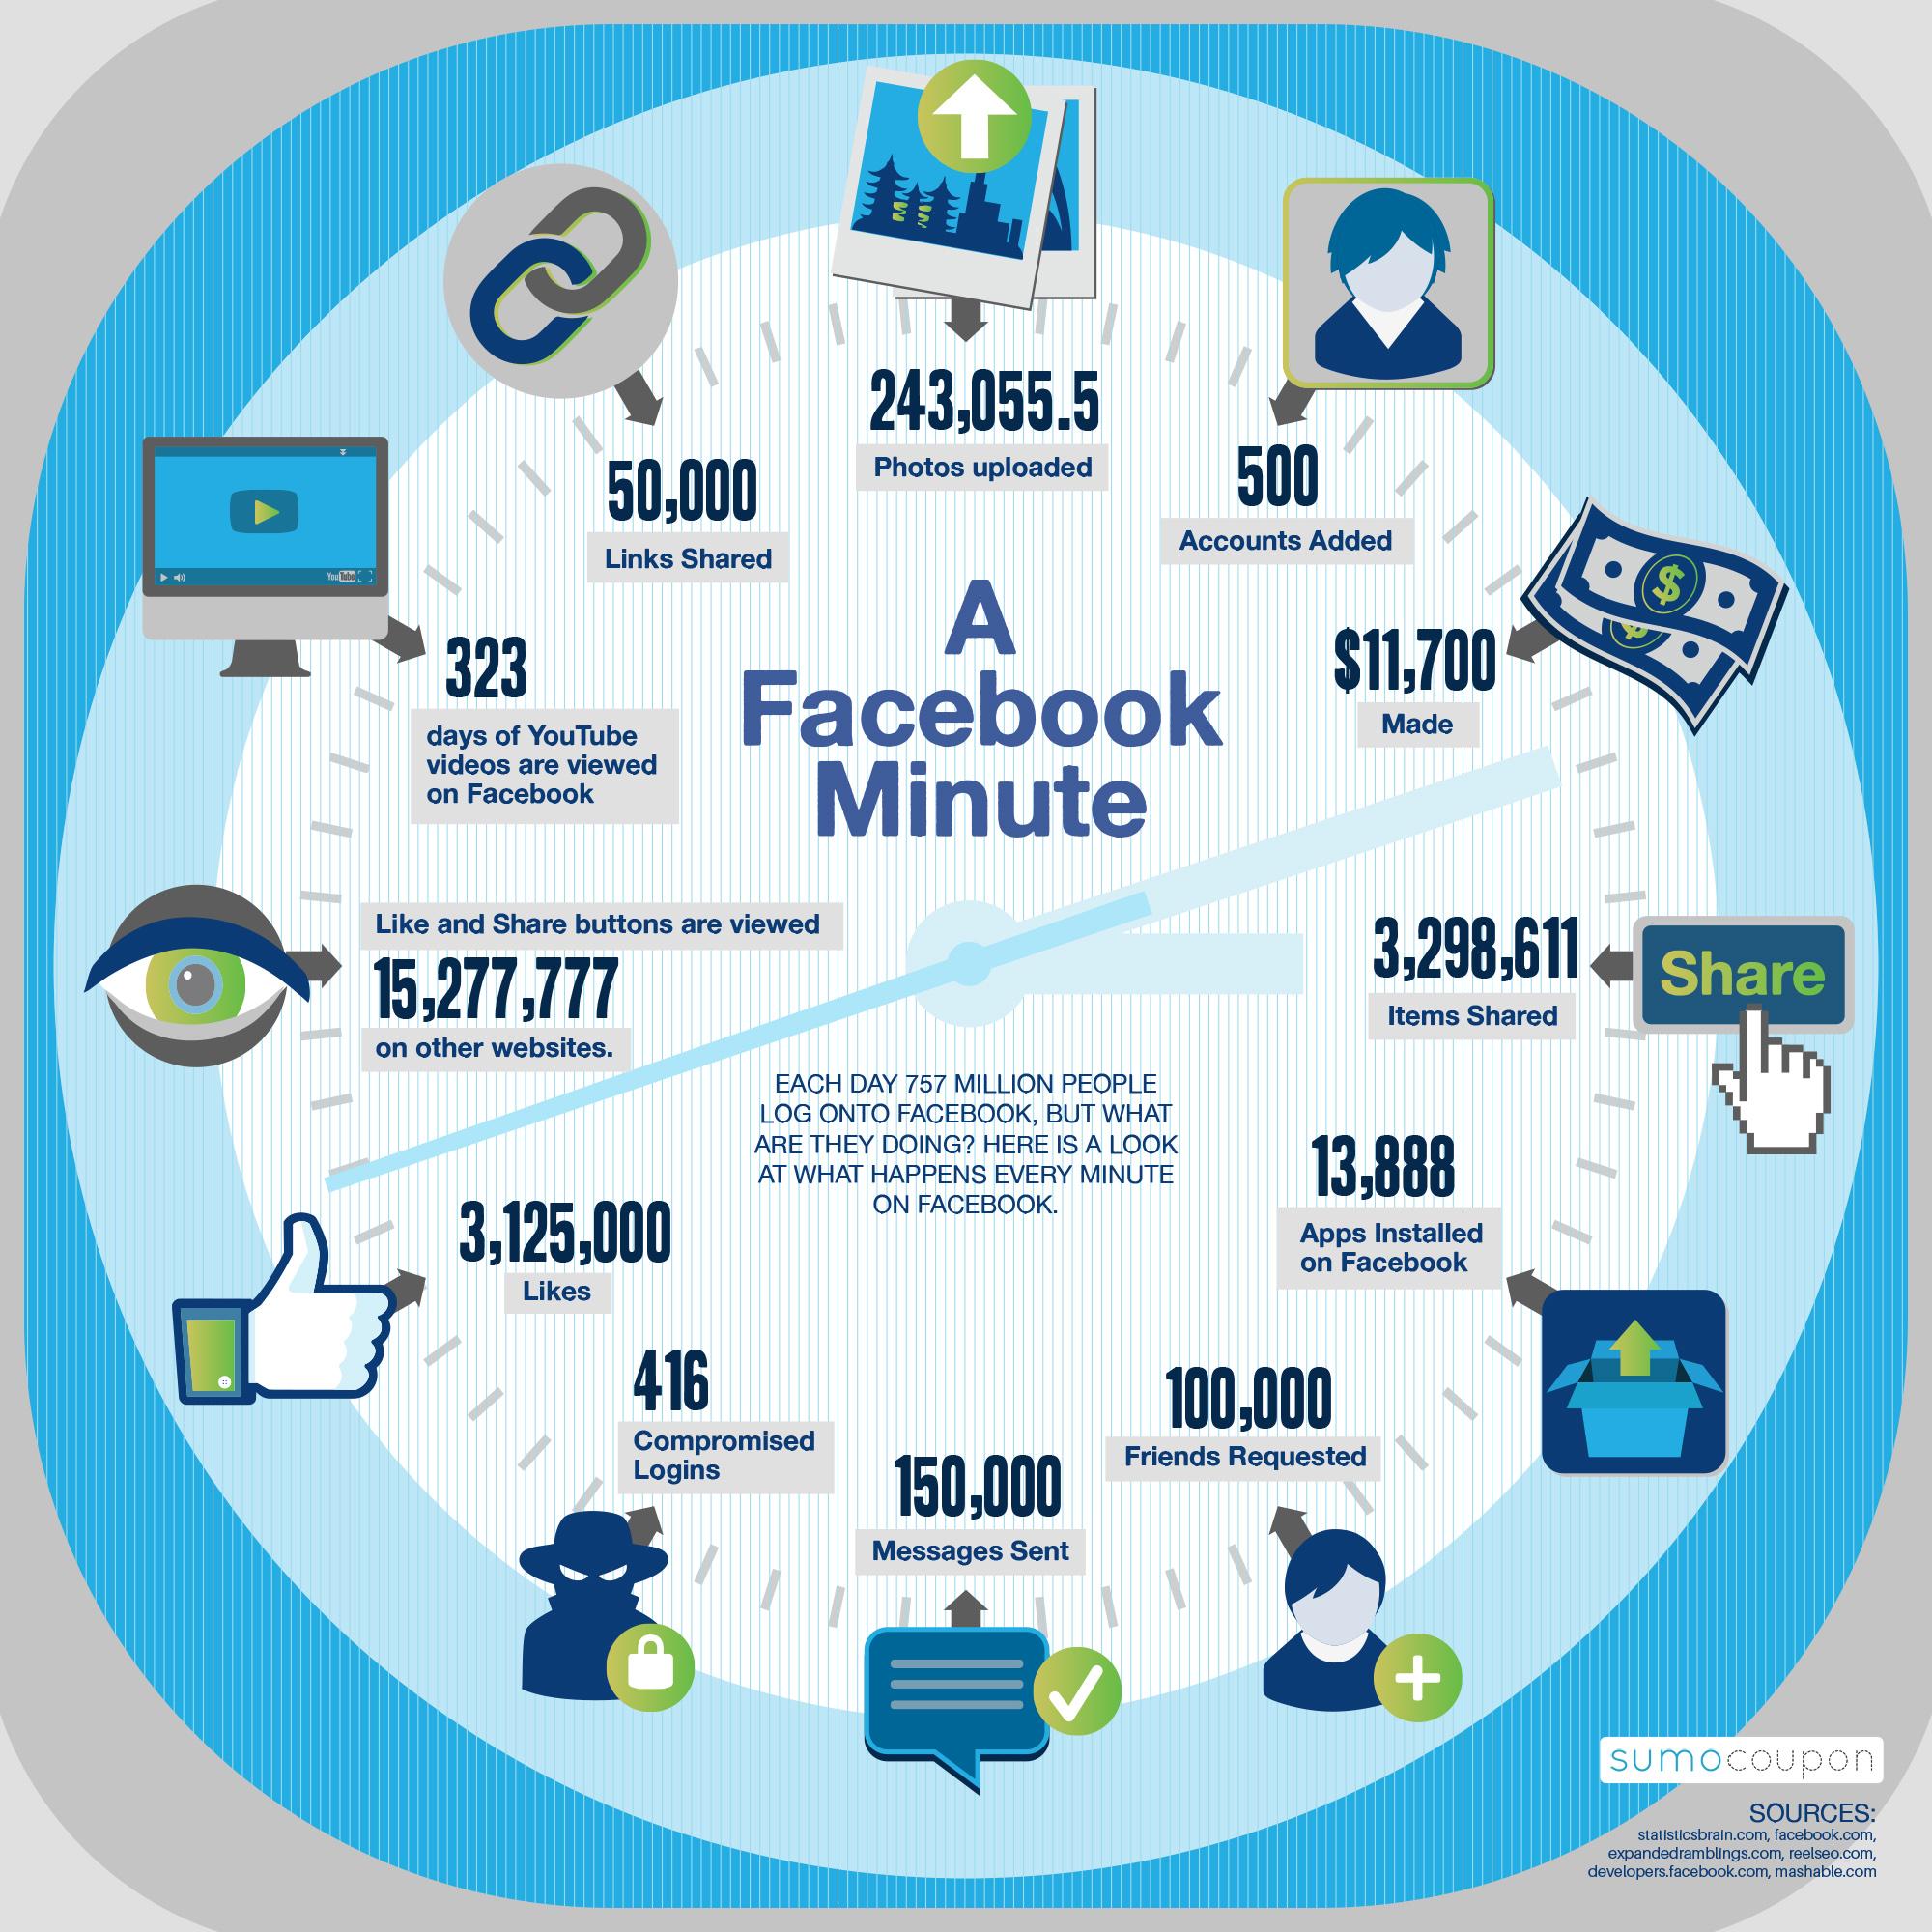 Cosa succede in un minuto su Facebook?